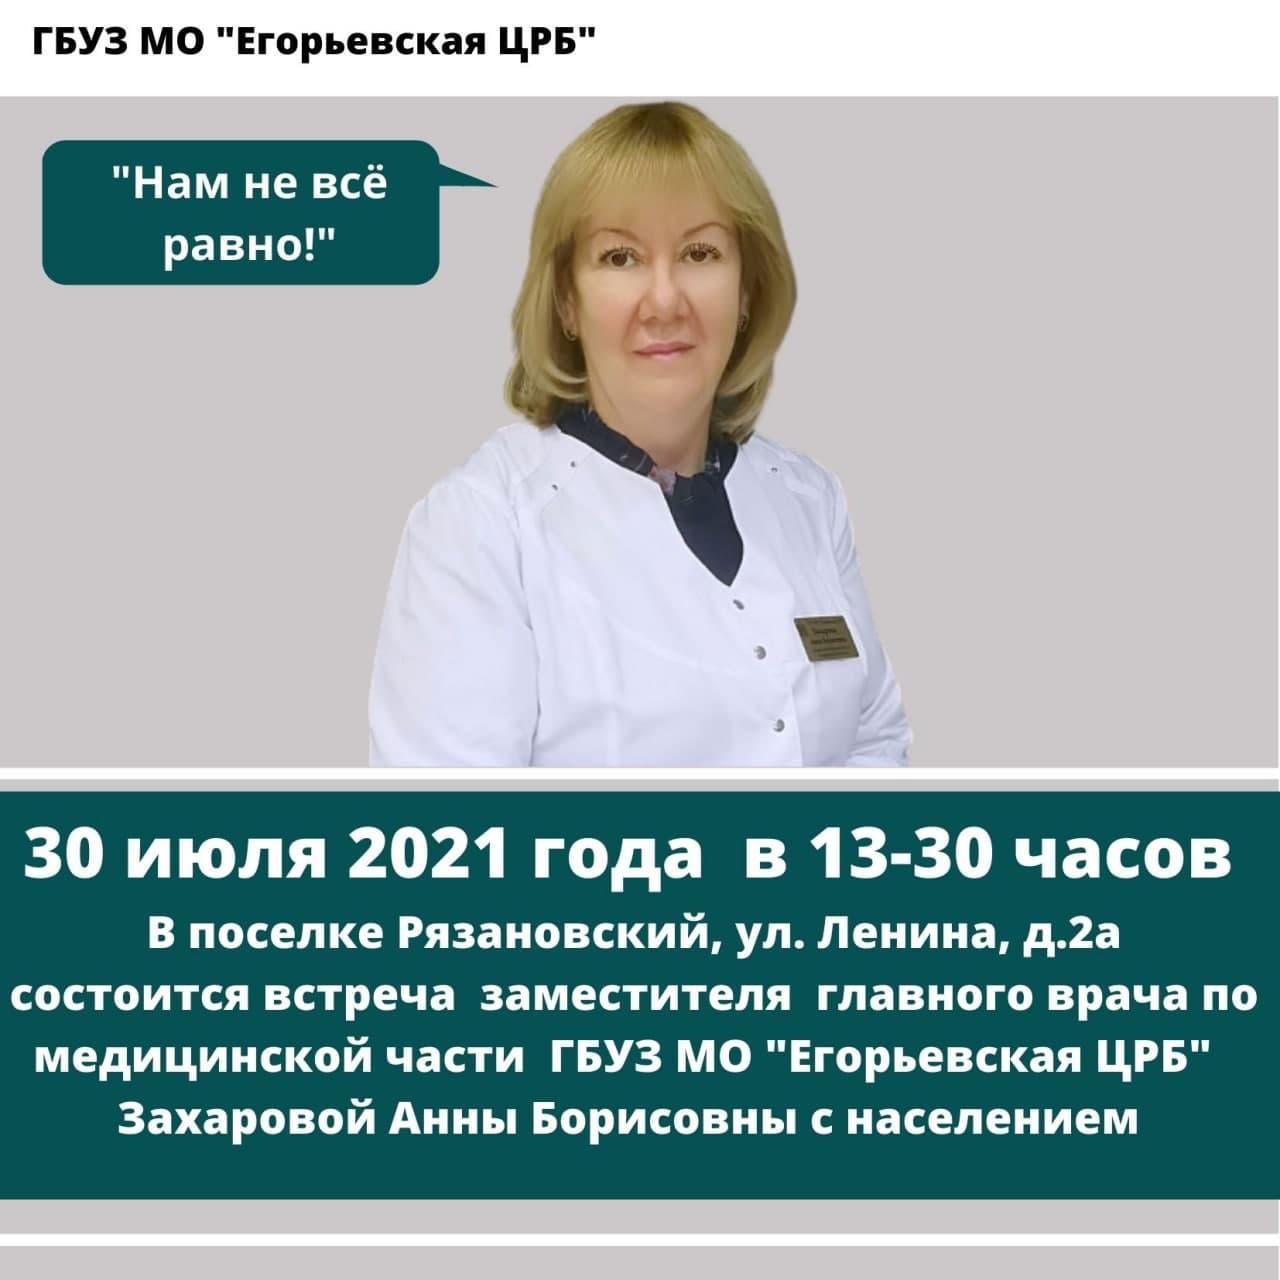 Встреча заместителя главного врача по медицинской части с населением г.о.Егорьевск в рп.Рязановский